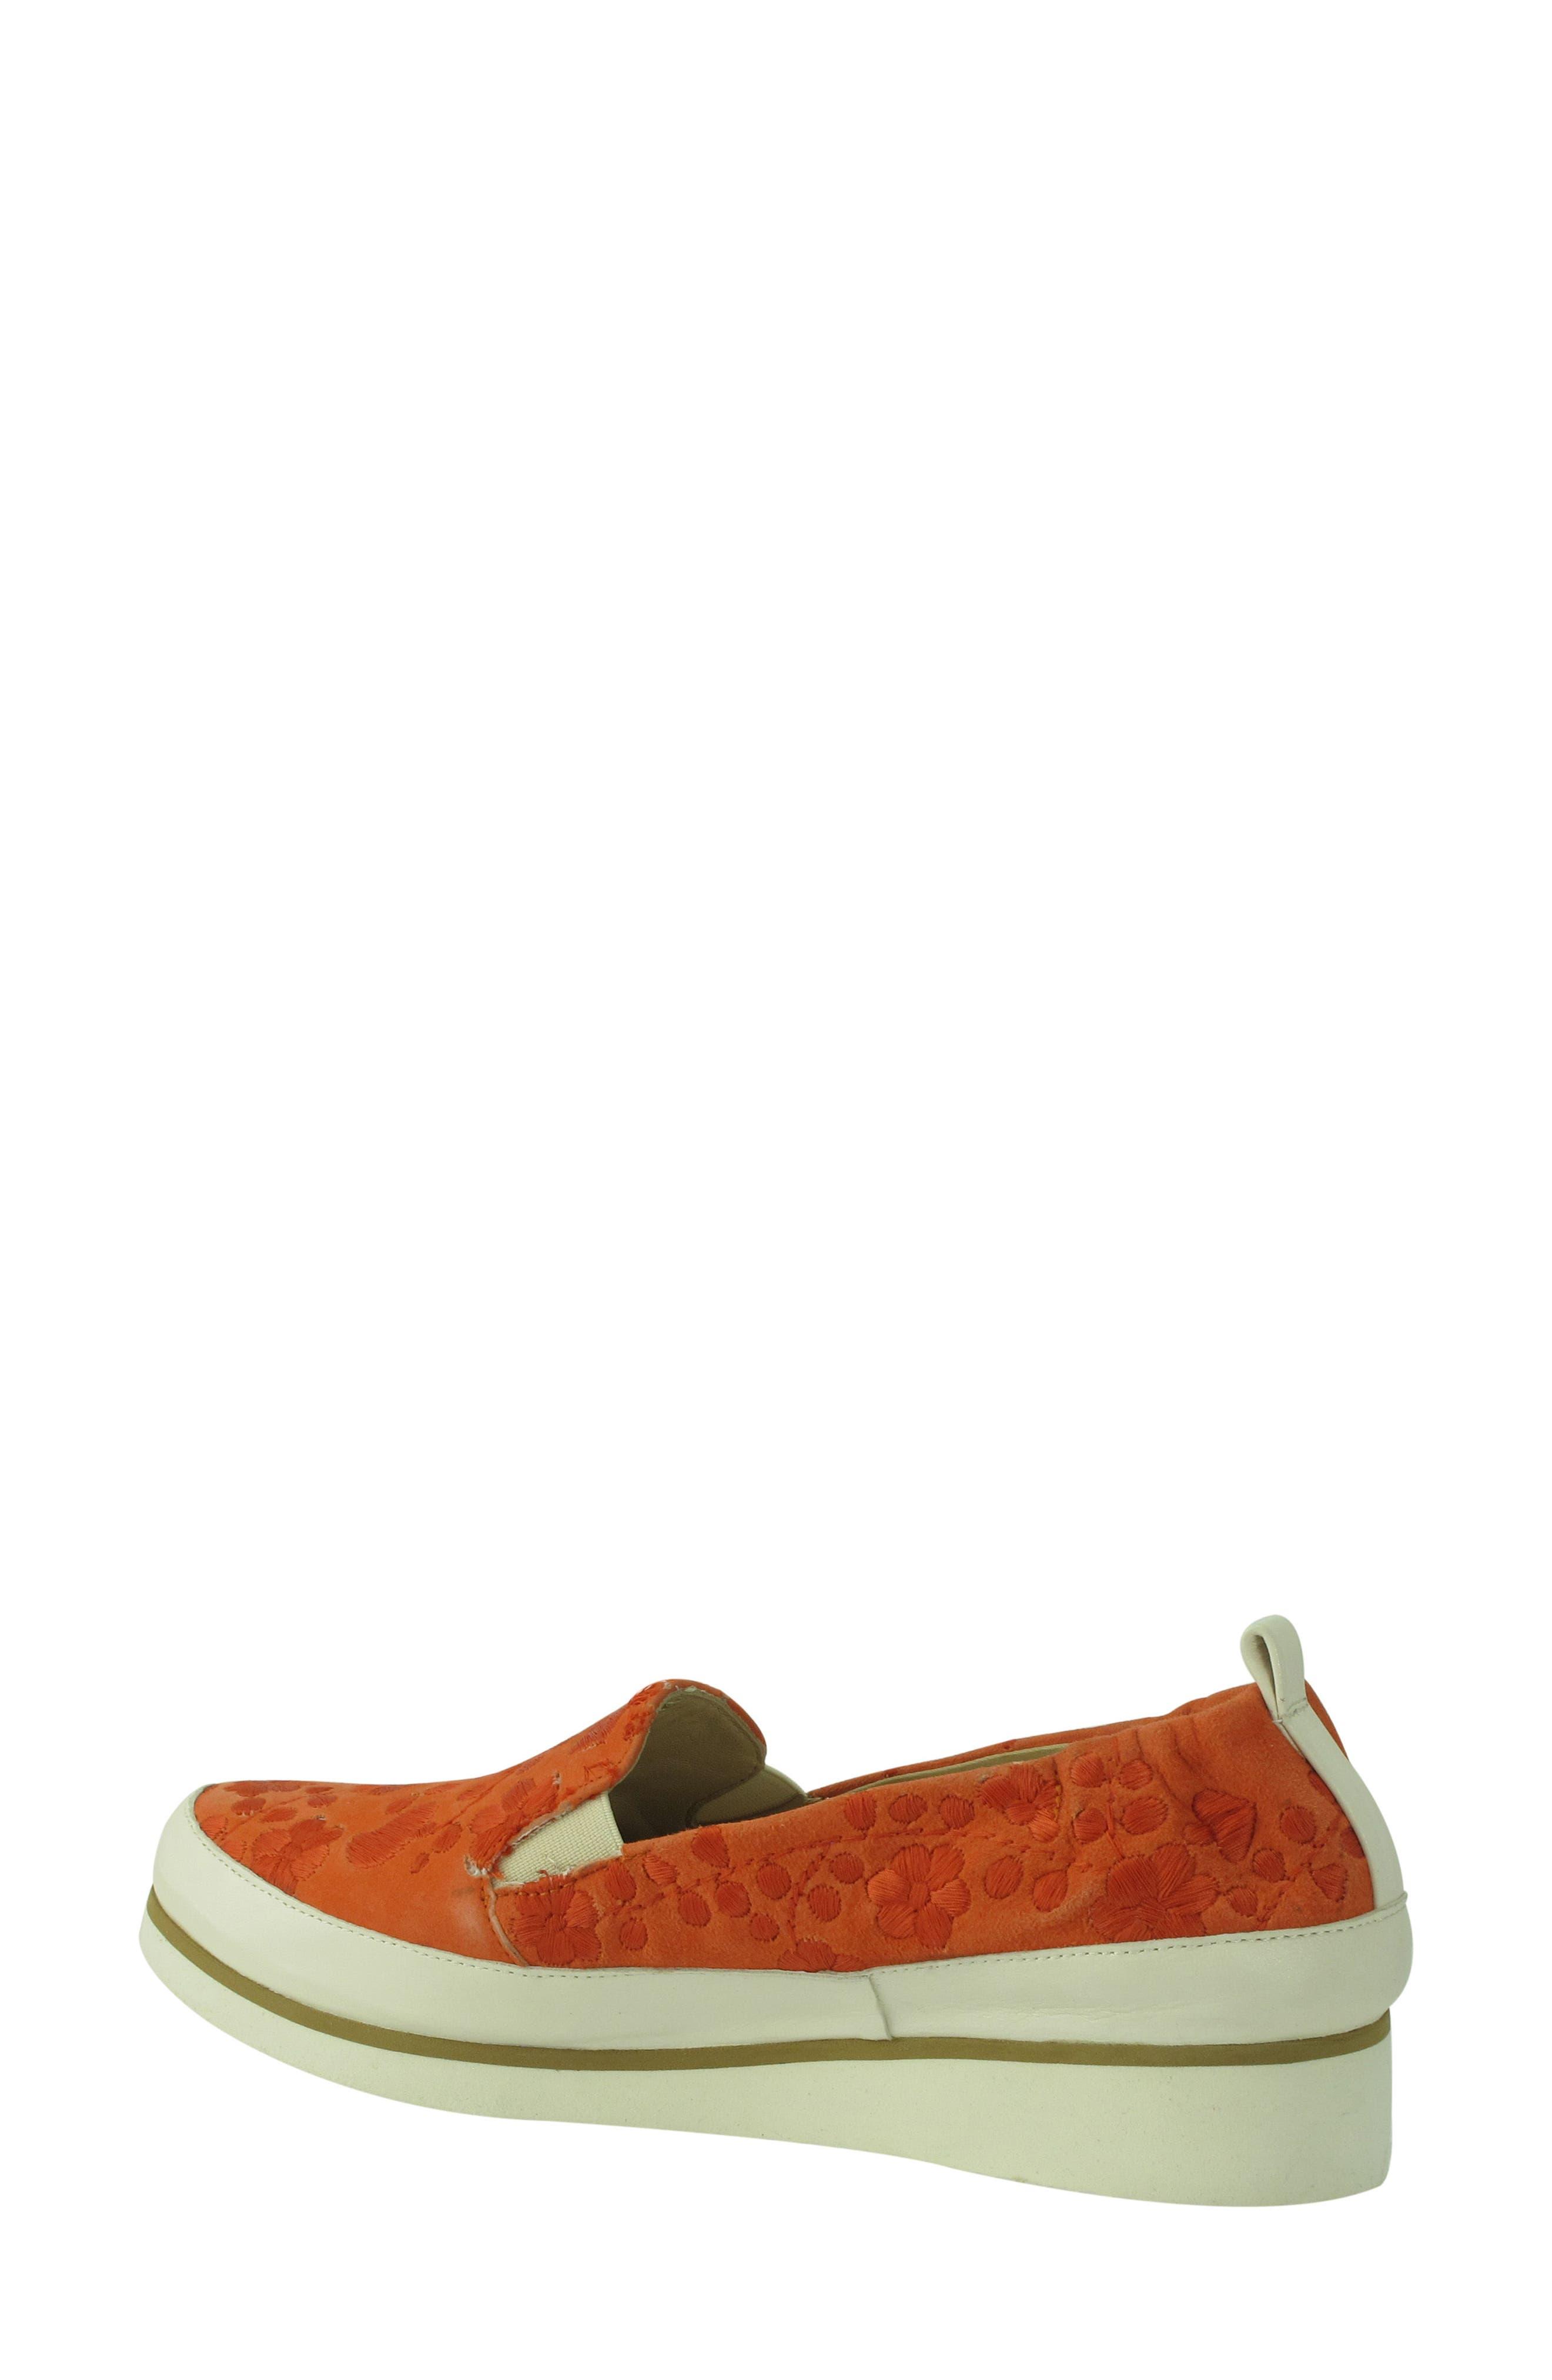 Nell Slip-On Sneaker,                             Alternate thumbnail 2, color,                             Tangerine Suede